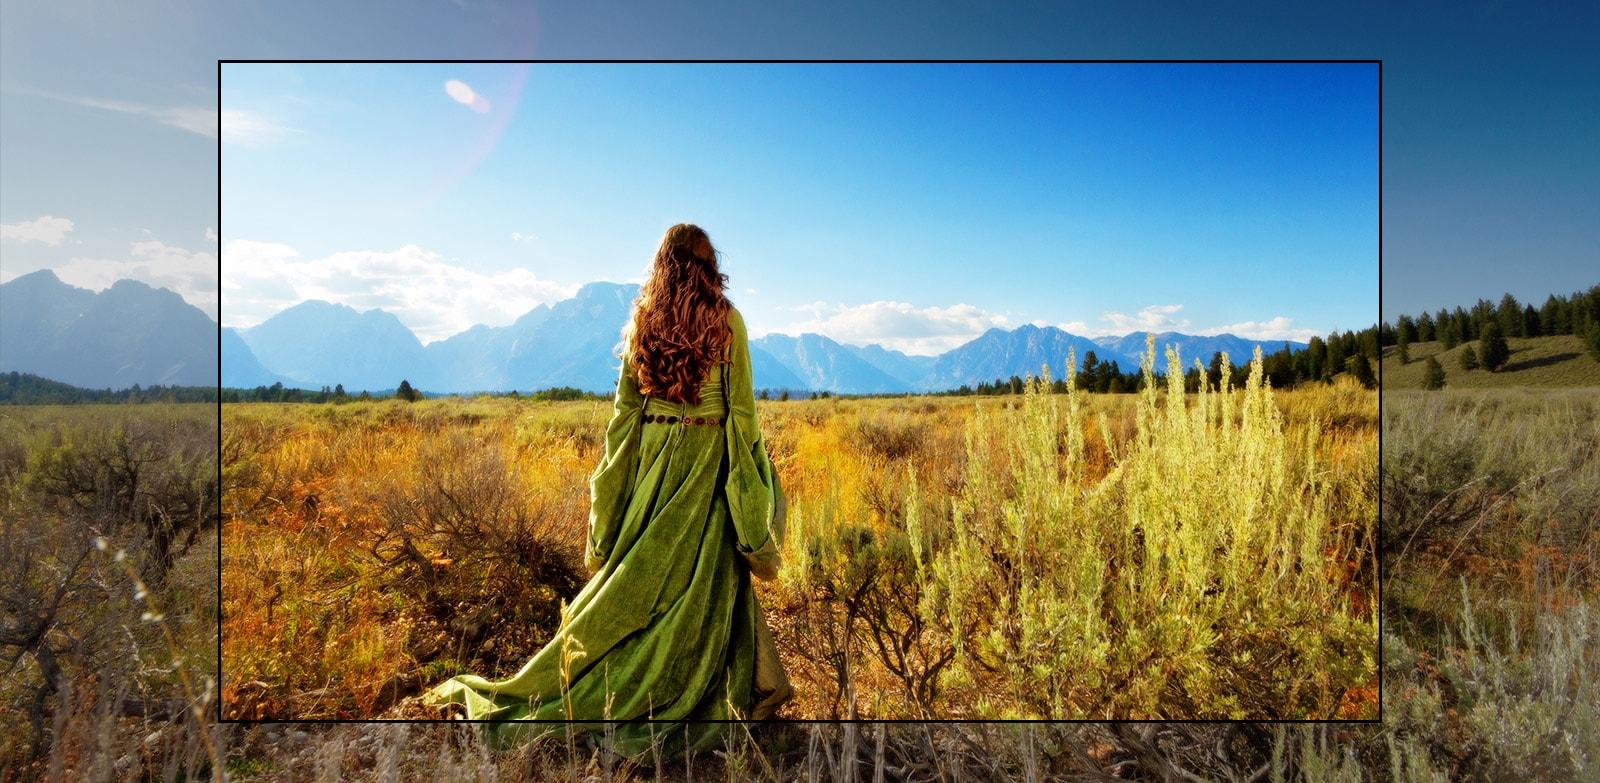 Een tv-scherm met een scène uit een fantasiefilm met een vrouw die in de velden staat met uitzicht op de bergen.